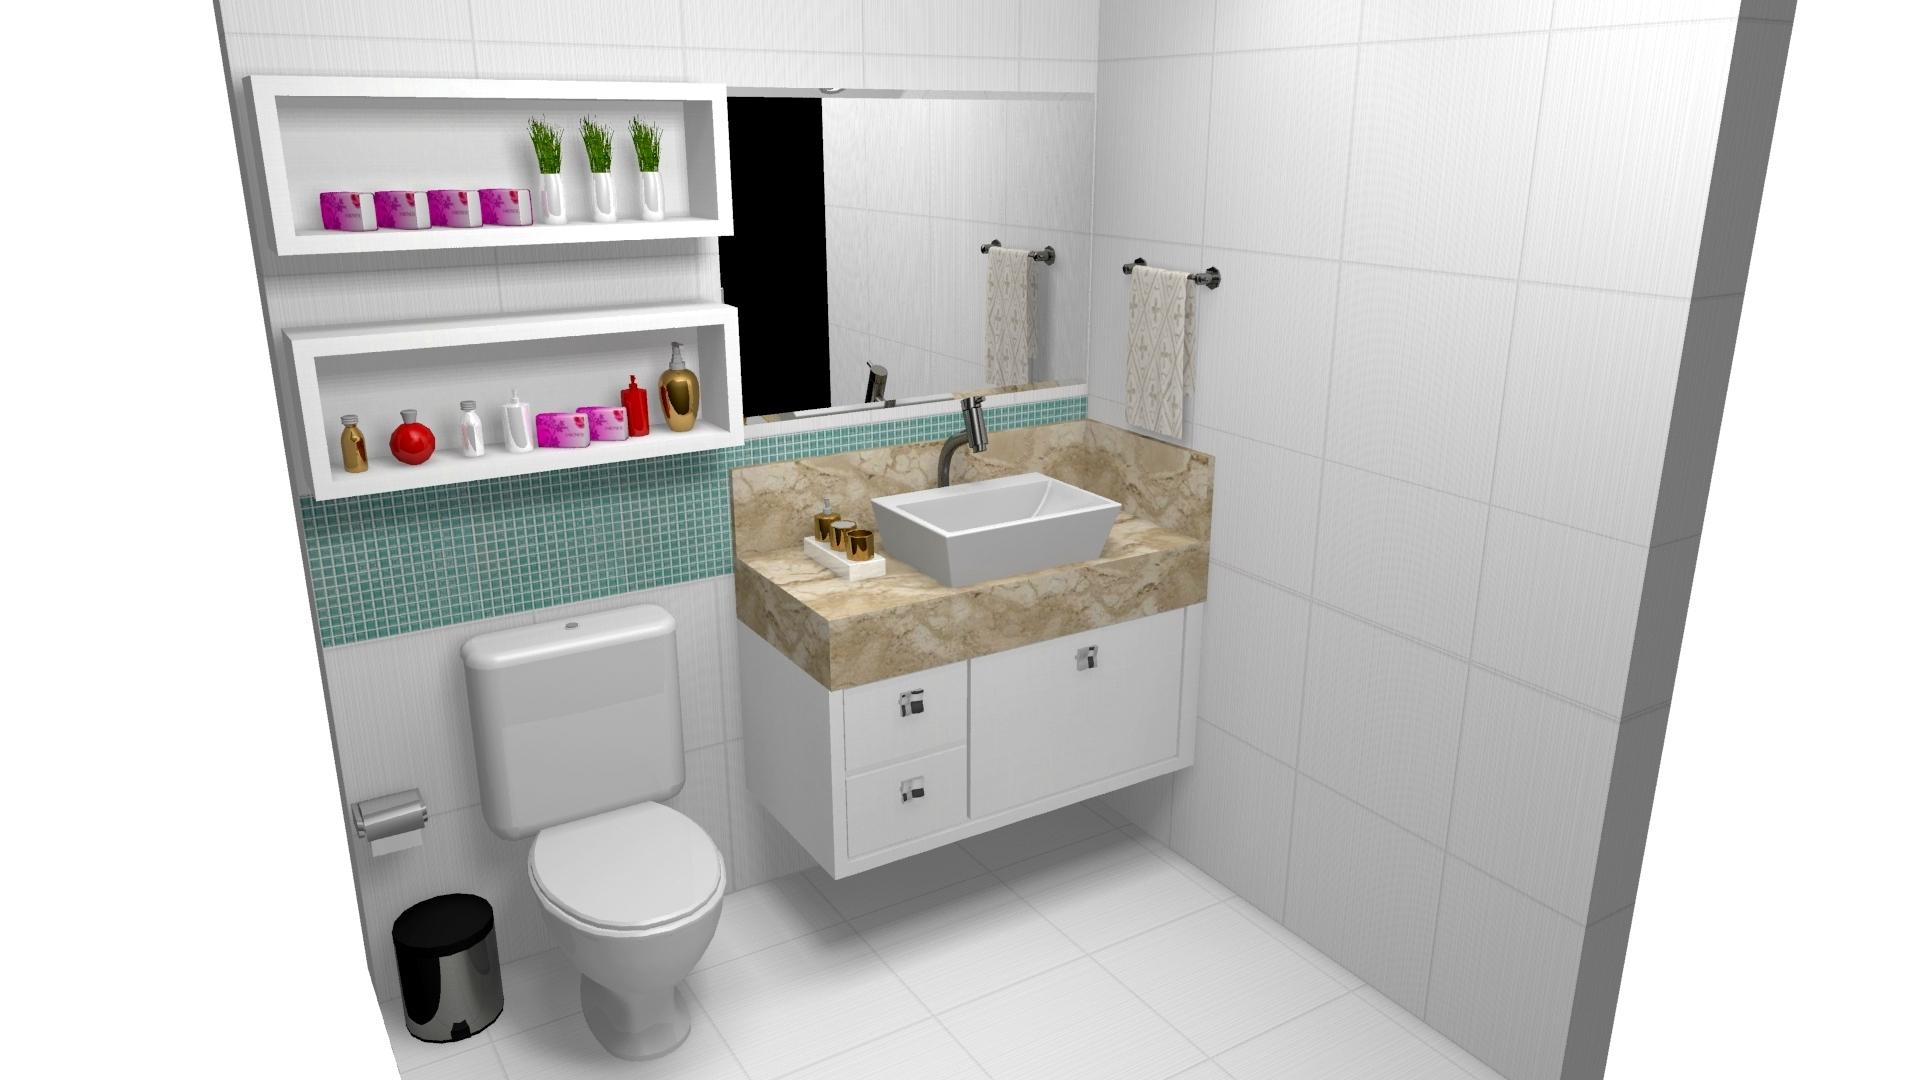 Banheiros » Apreciare móveis planejados #80271A 1920x1080 Banheiro Com Banheira Planejado